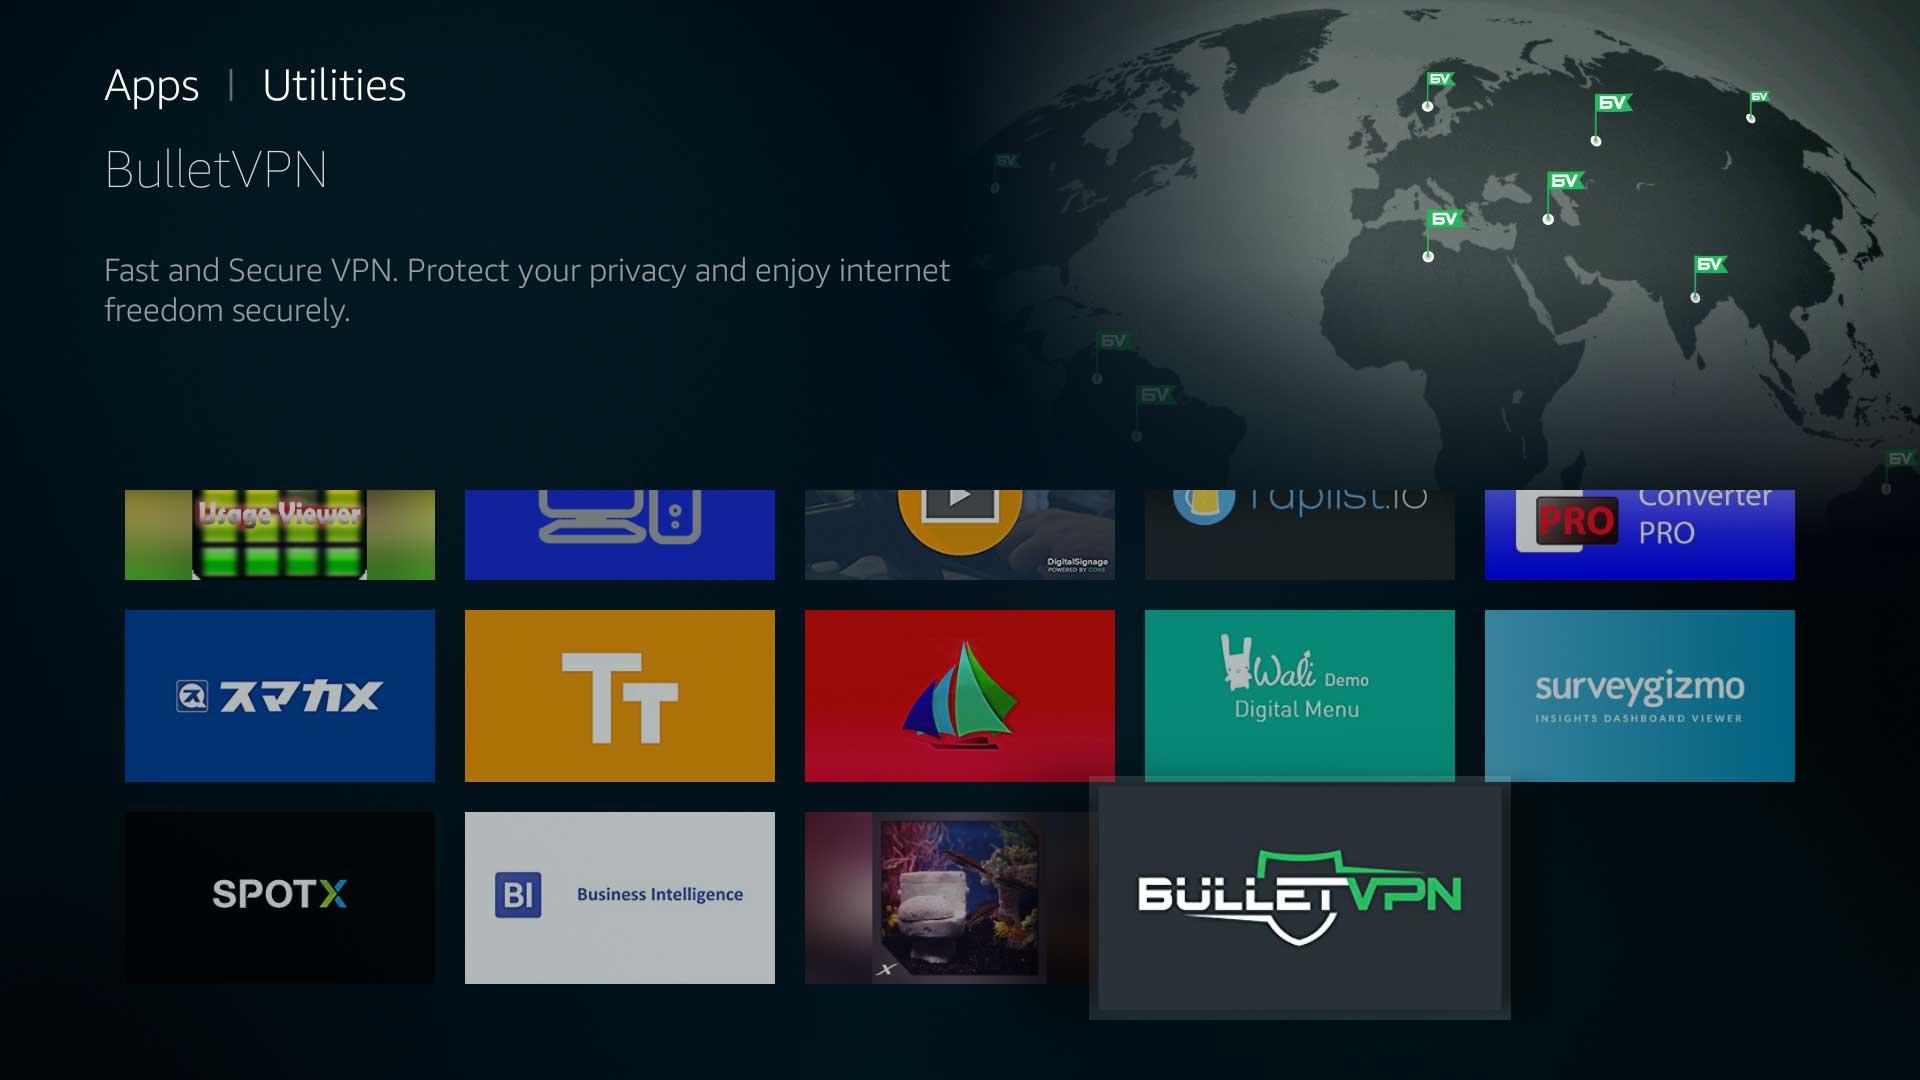 Select BulletVPN